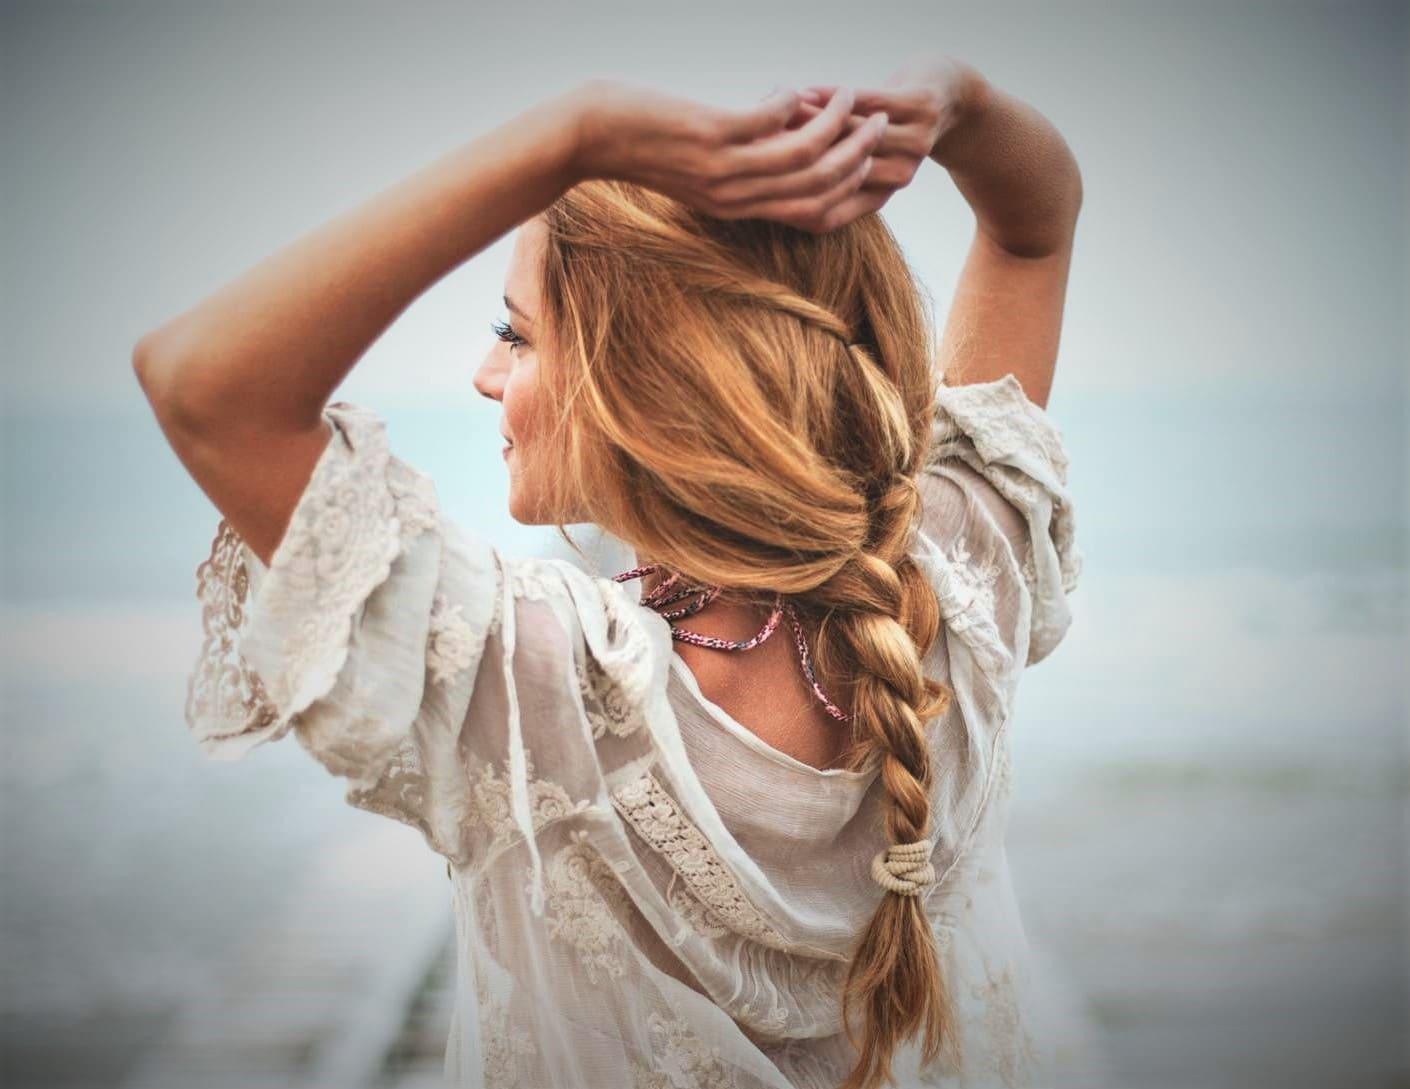 fint hår tips